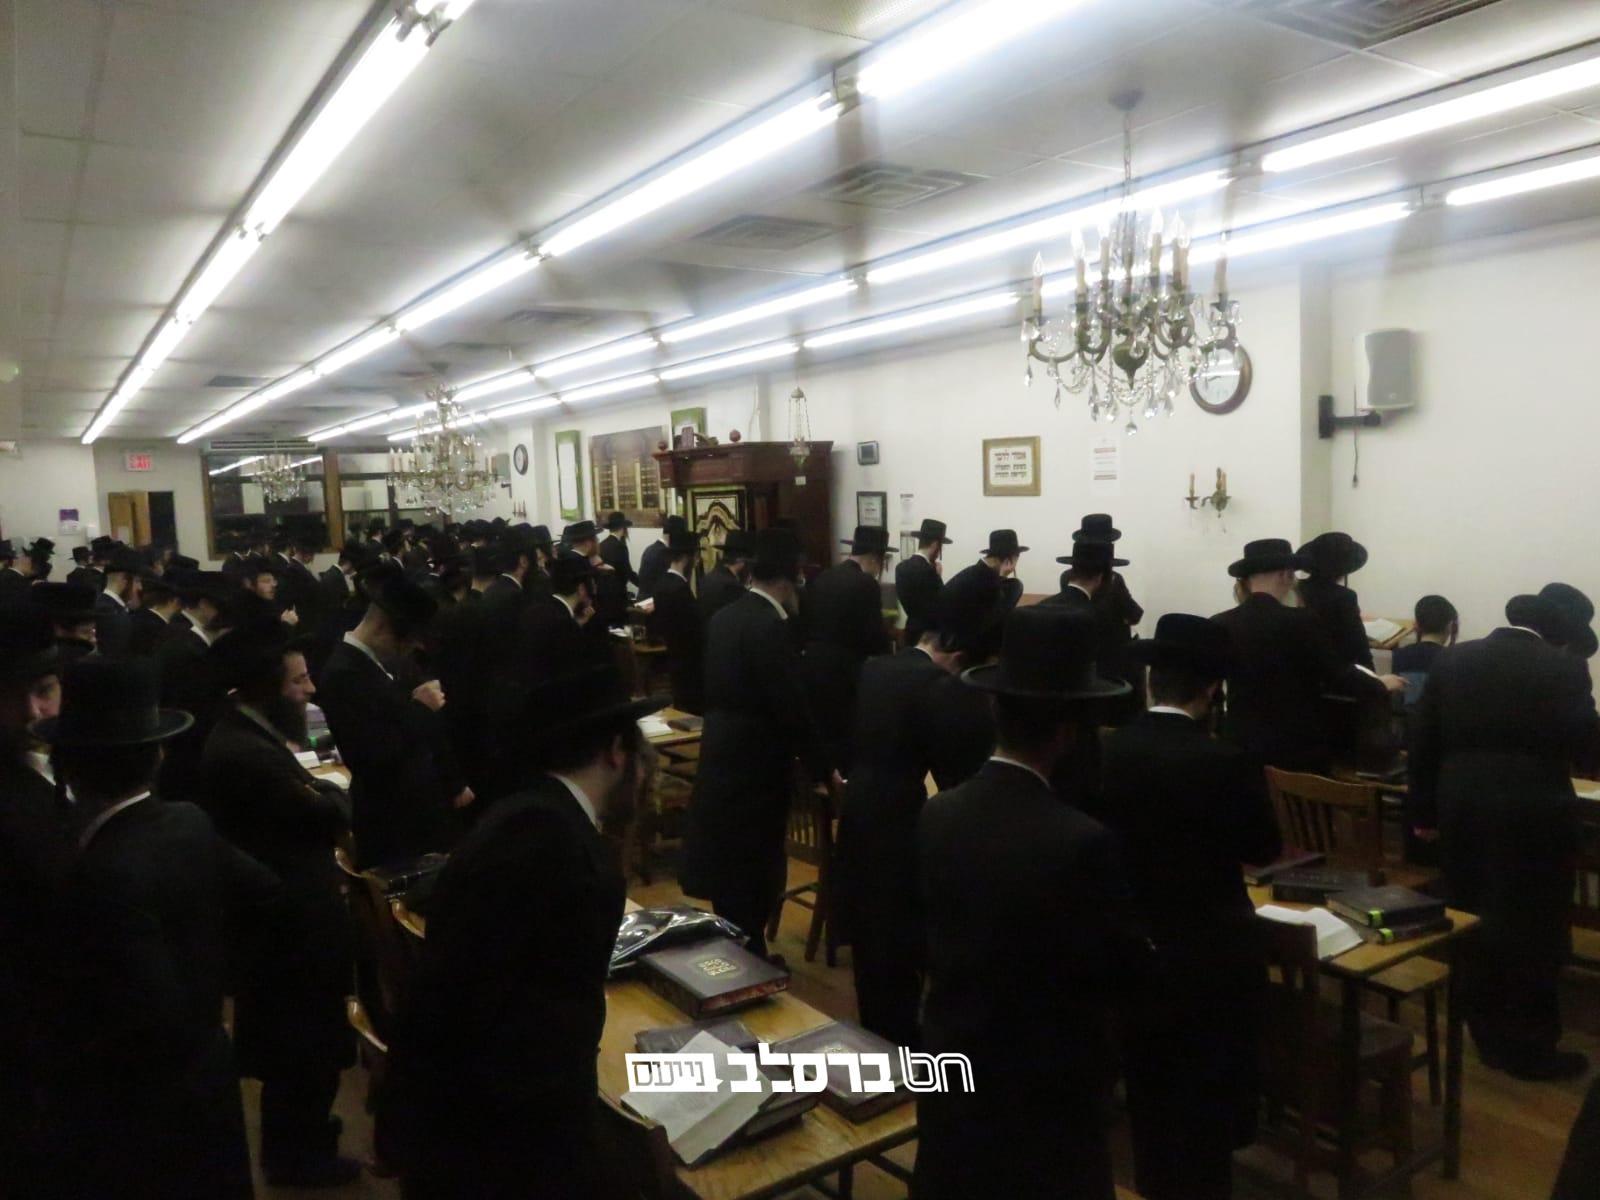 ווילאמסבורג • מעמד ספירת 'מלכות שבמלכות' בבית הכנסת ברסלב 306 ראדליטש • צפו